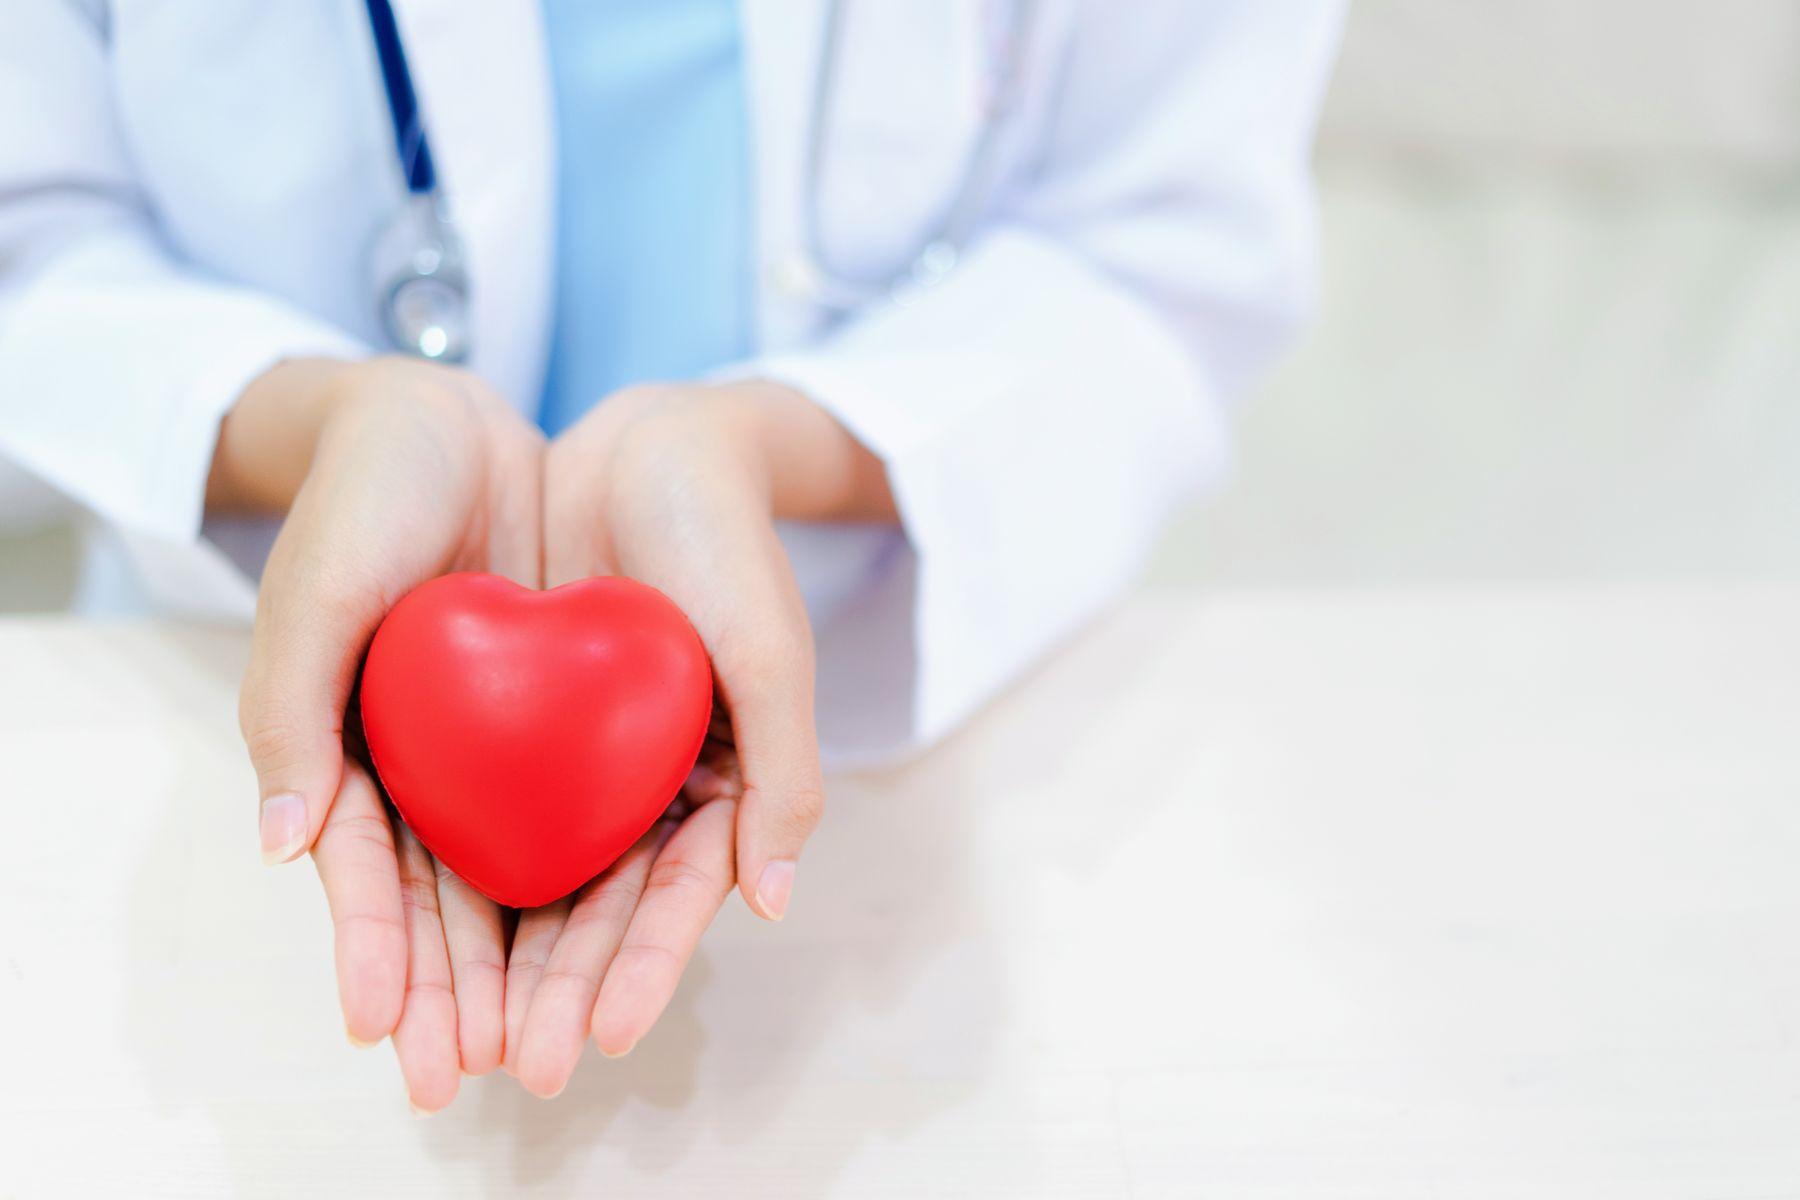 冬天易心肌梗塞、中風!營養師提醒「多吃4食物」預防三高和心血管疾病